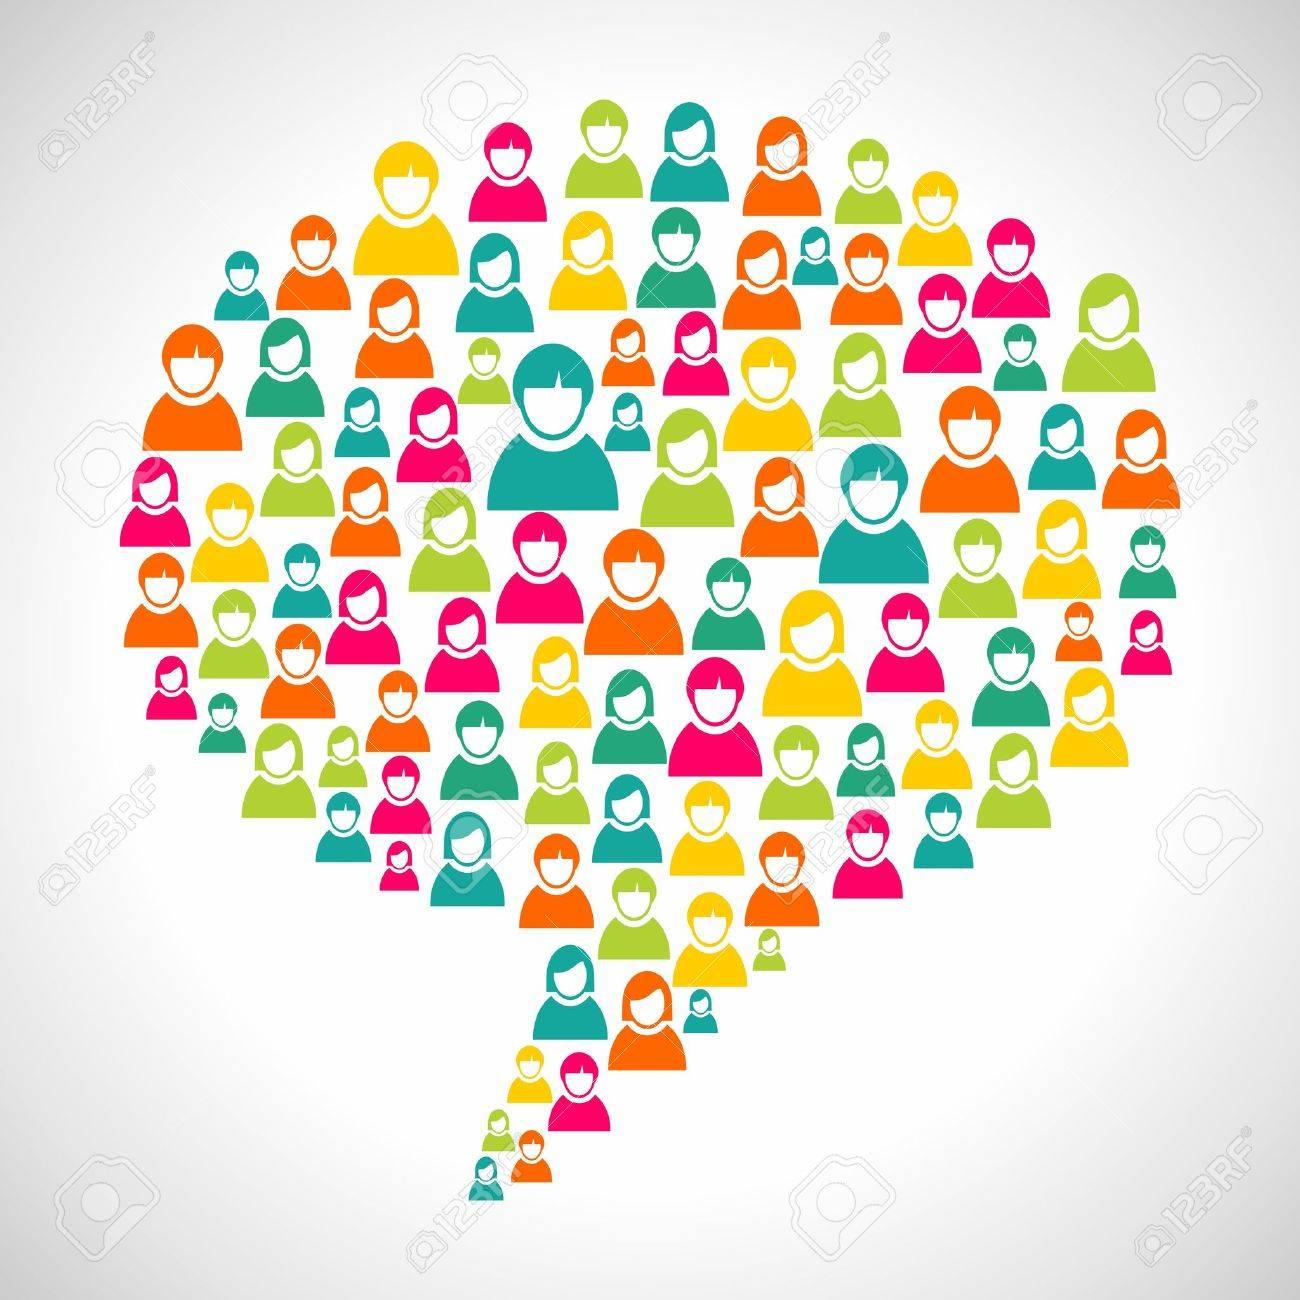 Online-Marketing: Vielfalt Menschen Profil In Sozialen Sprechblase ...